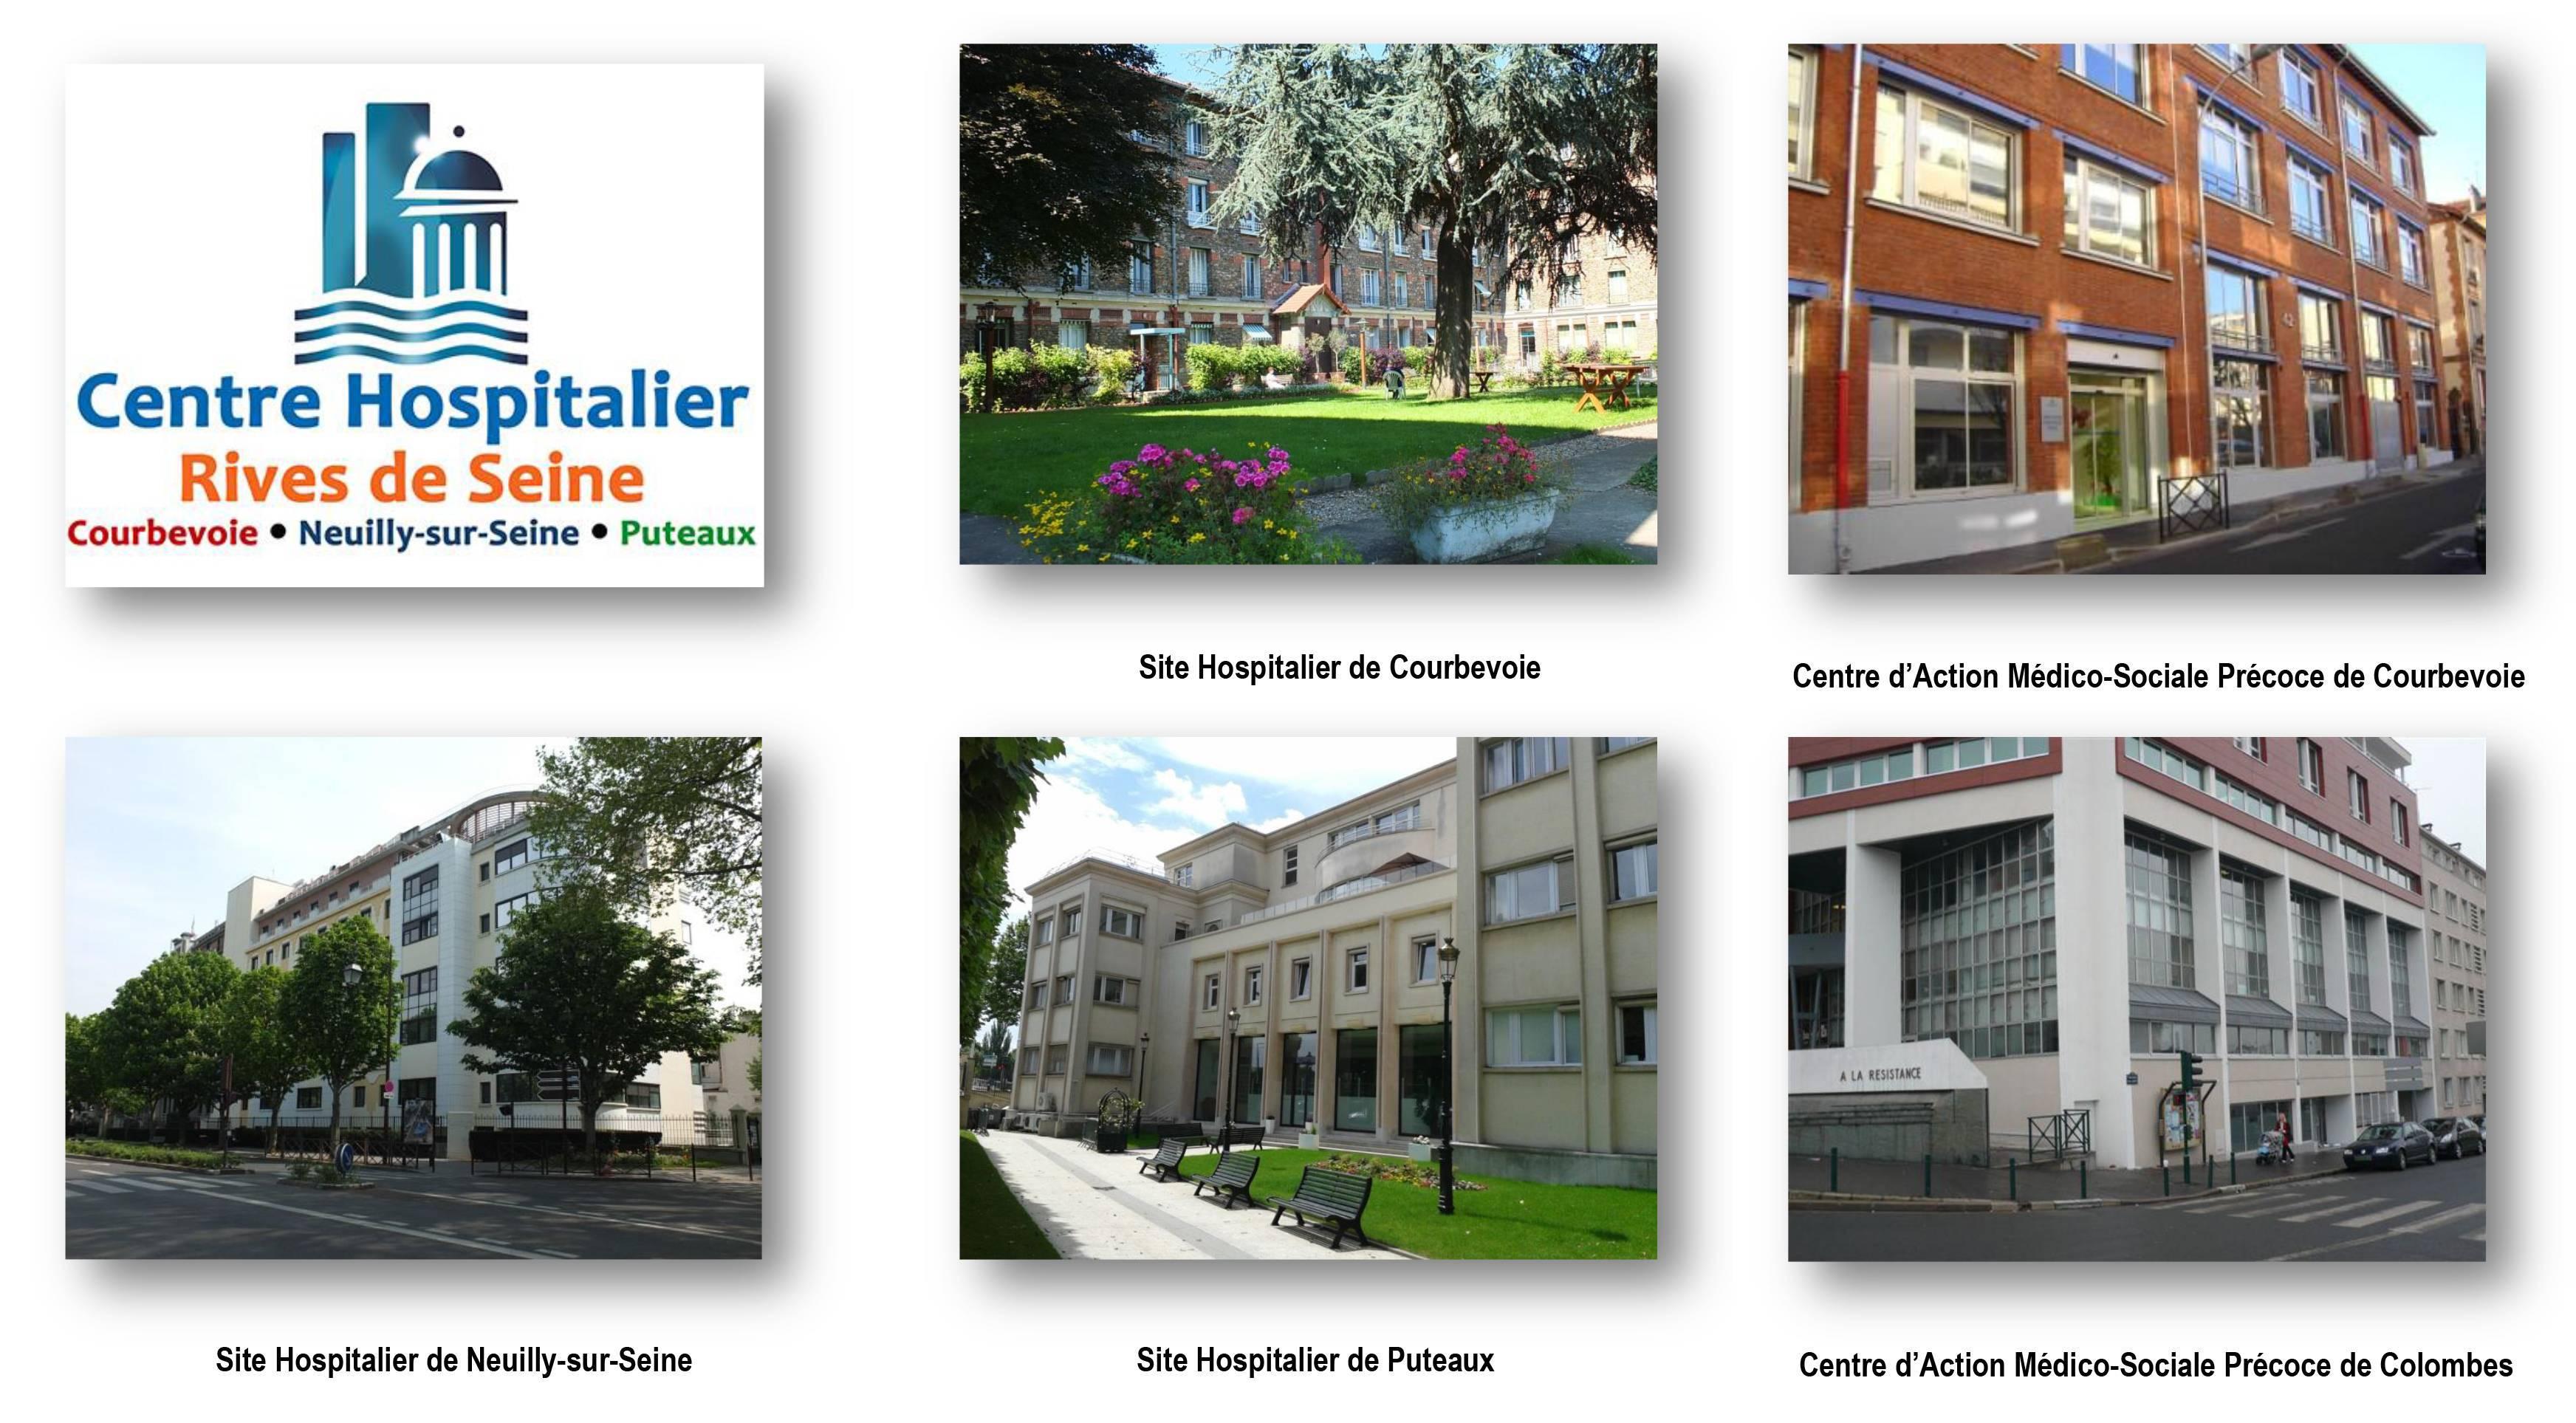 Centre Hospitalier Rives de Seine  (Neuilly-sur-Seine)